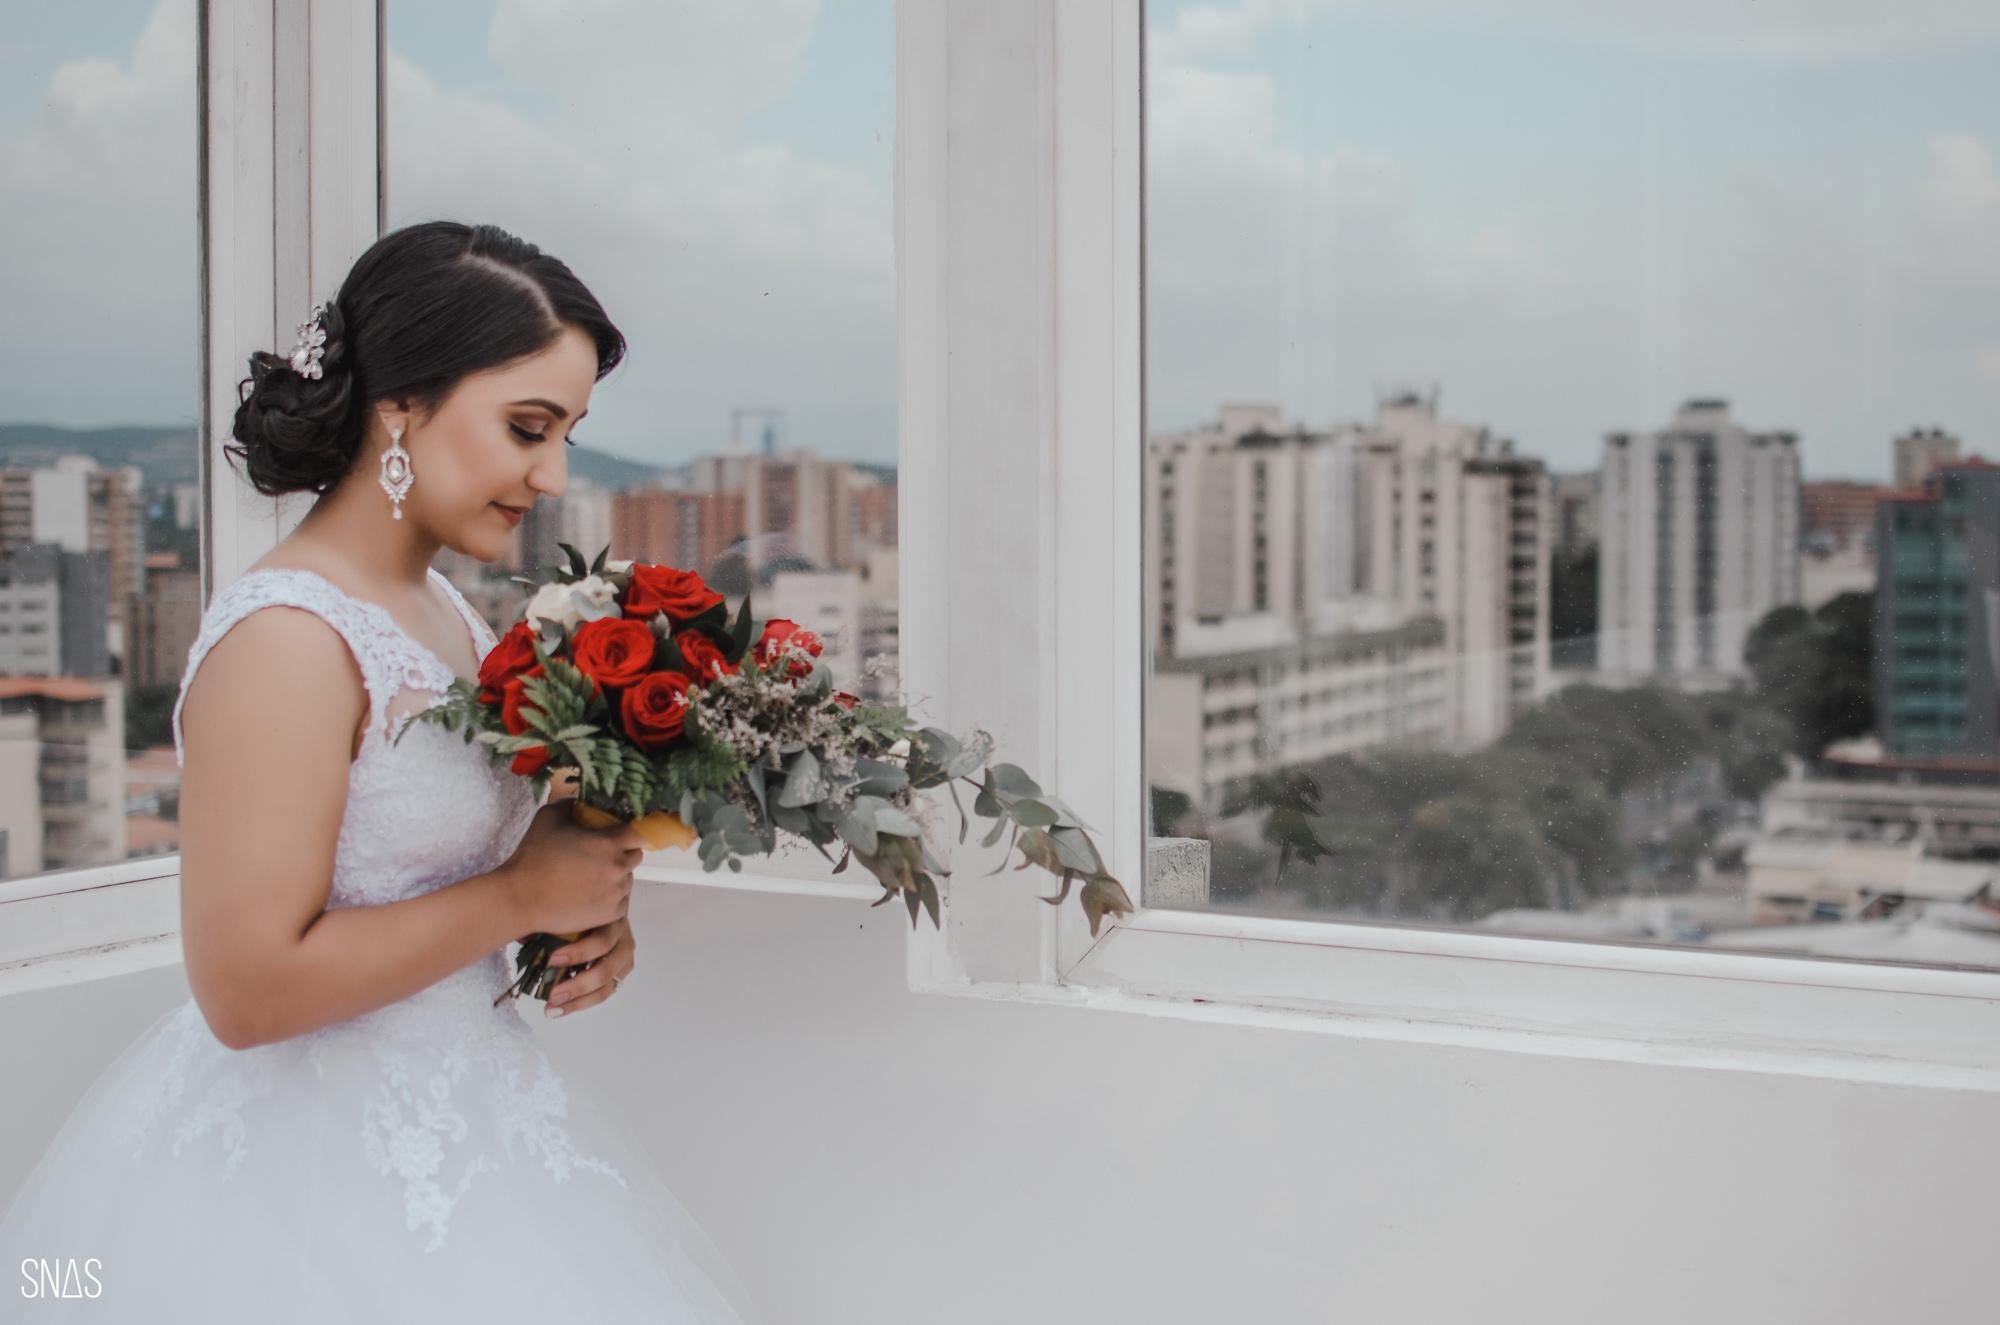 planificar una boda en un mes